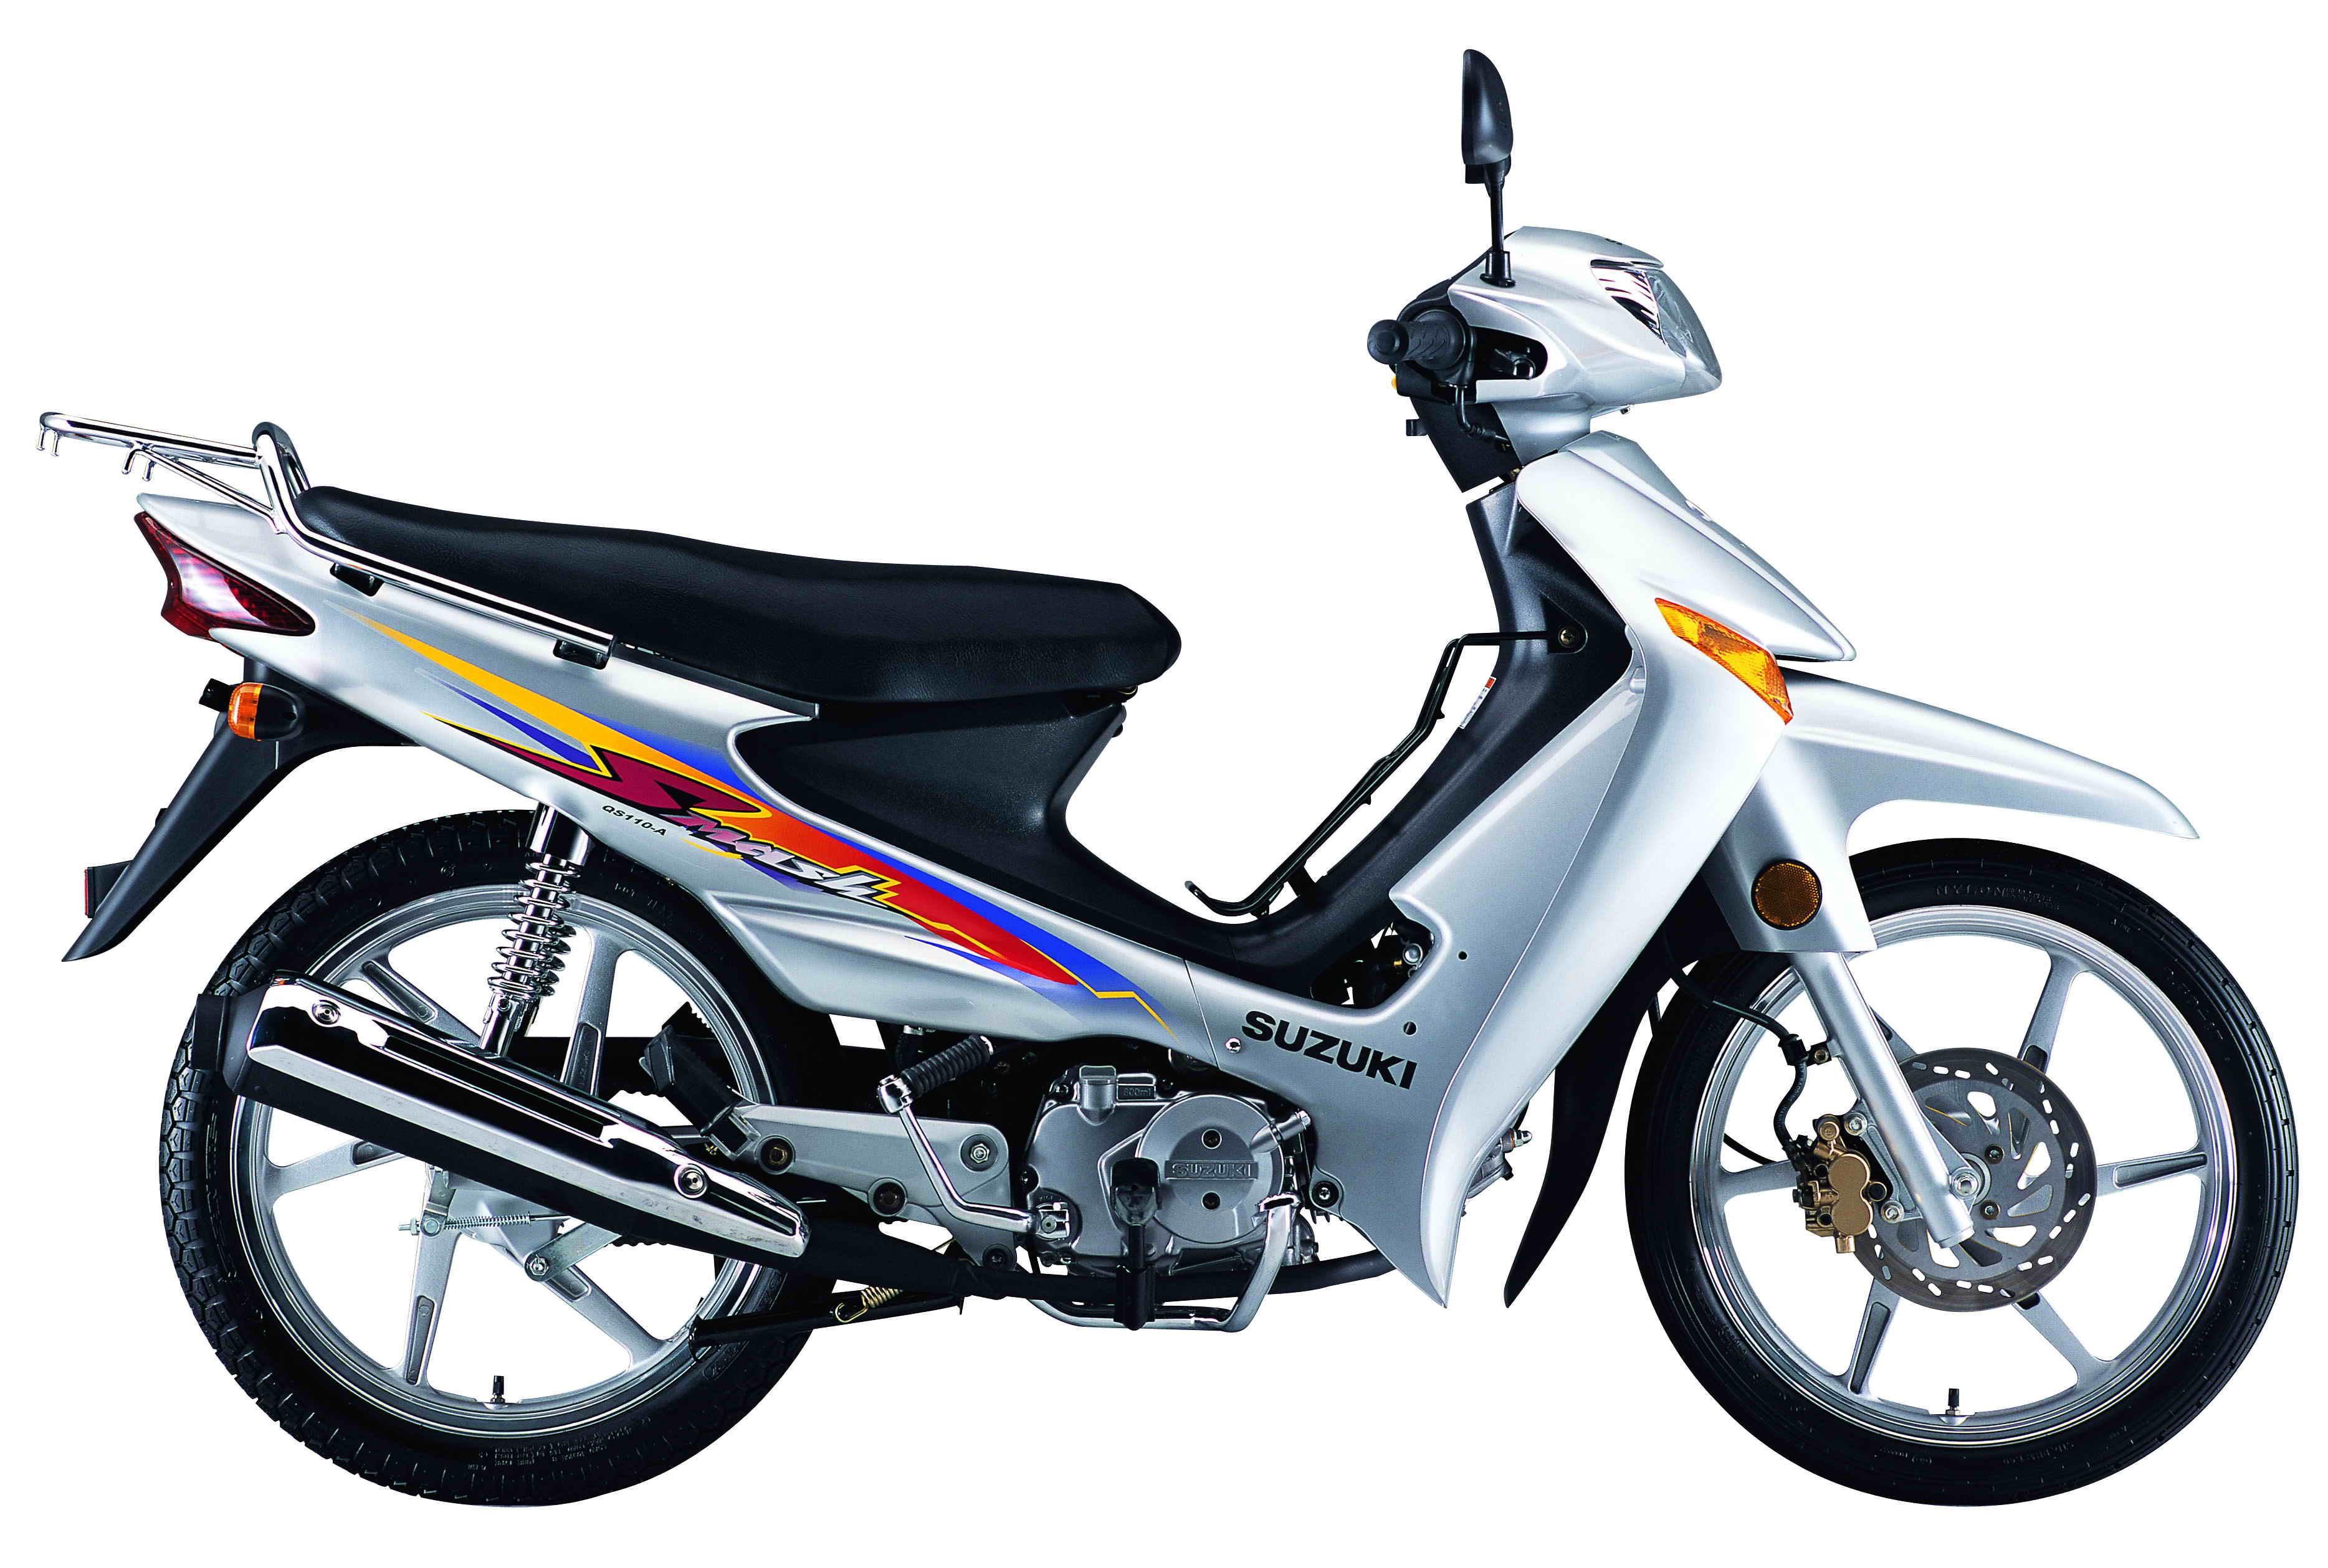 铃木摩托车国Ⅲ赛驰fd110弯梁摩托车 标准版; 铃木赛驰110摩托车;; 国